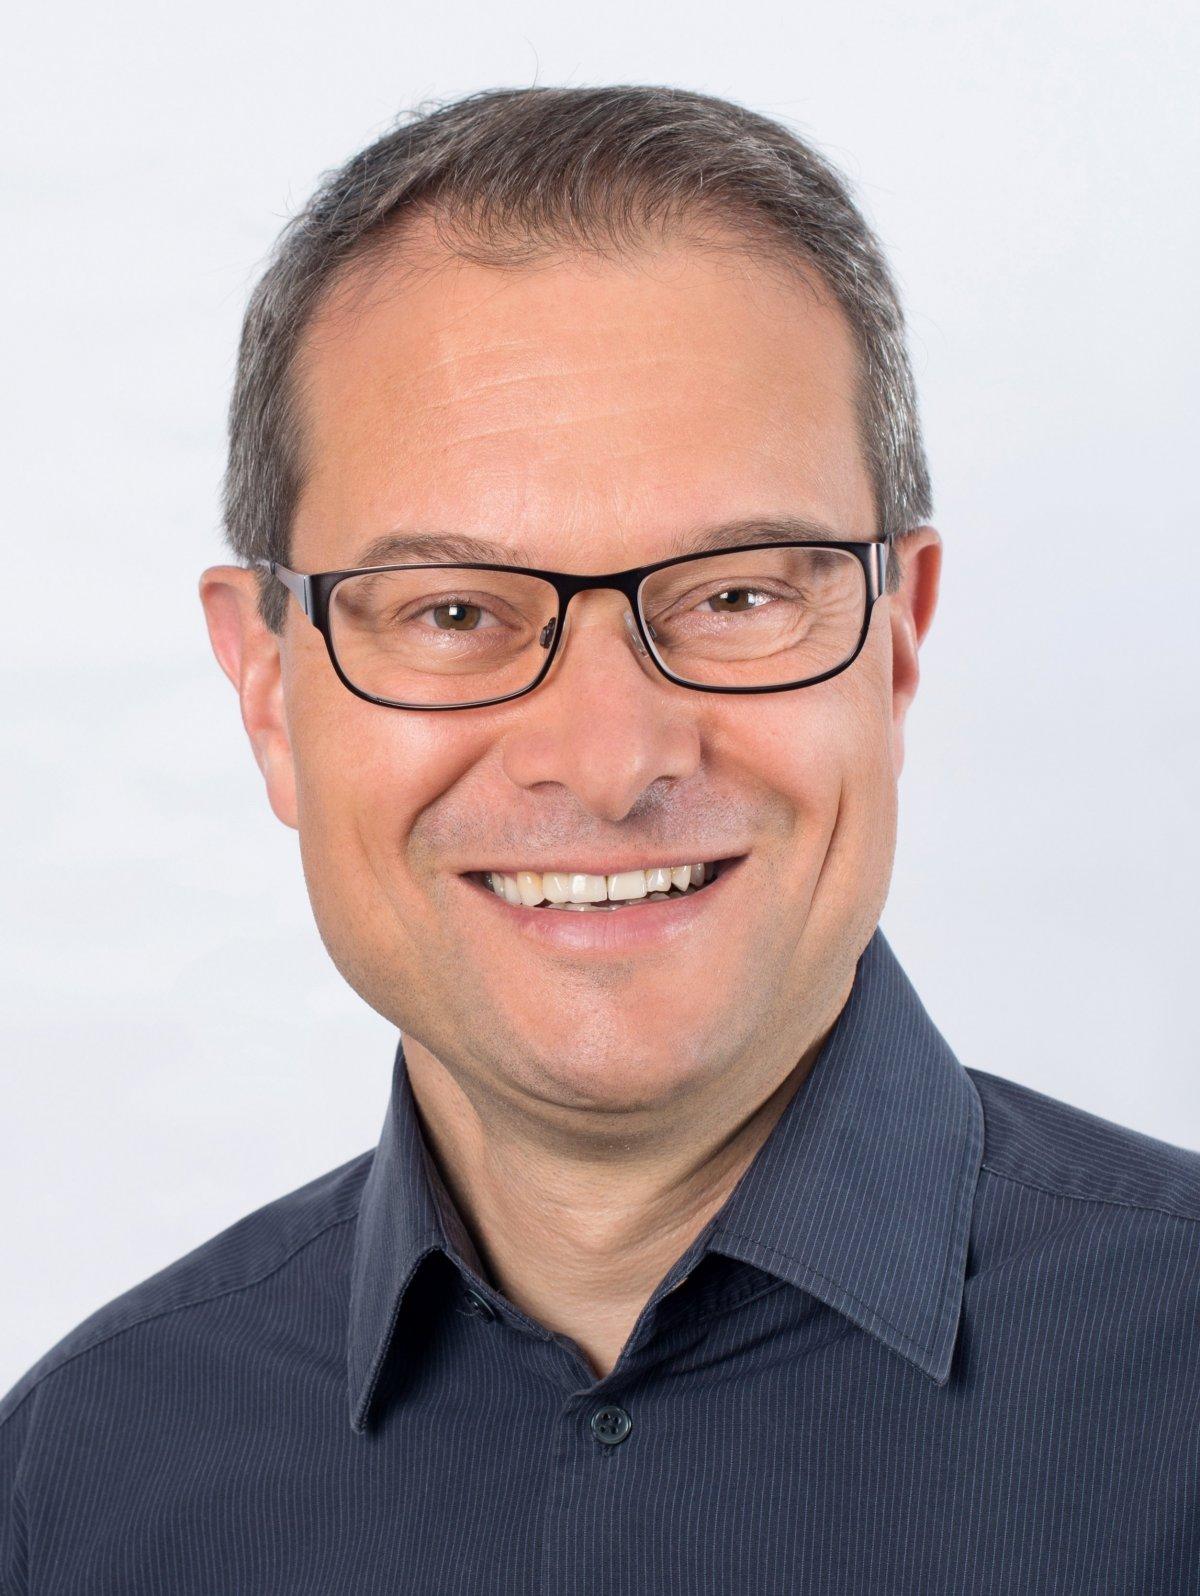 Auf dem Foto ist Cyril Kreyenbühl aus Zürich zu sehen. Er hat kurzes schwarz graues Haar und trägt eine eckige schwarze Brille sowie ein graues Hemd.